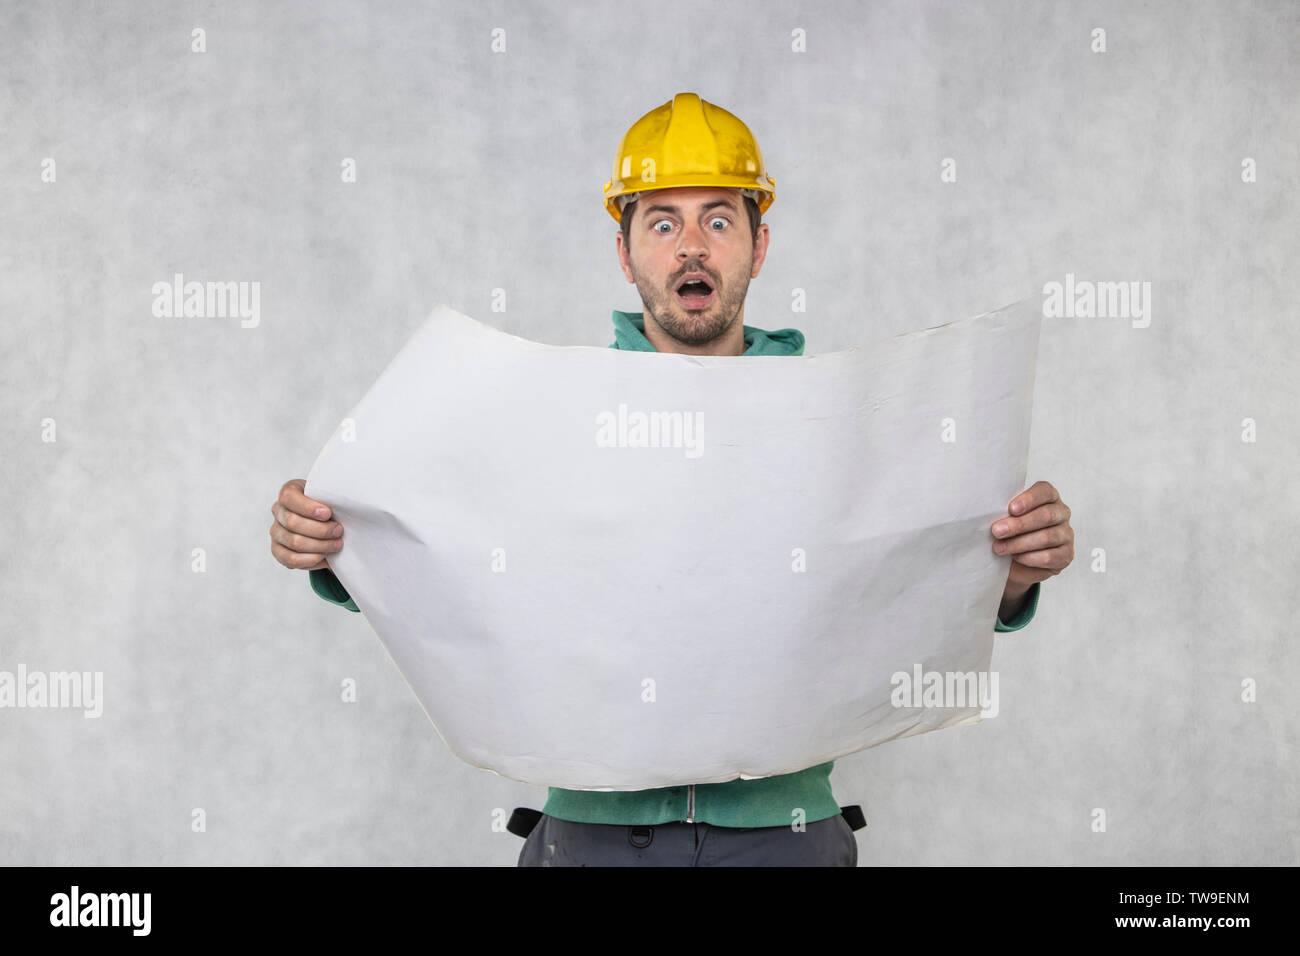 Die verängstigten Builder sieht plant, ein Haus zu bauen. Stockbild